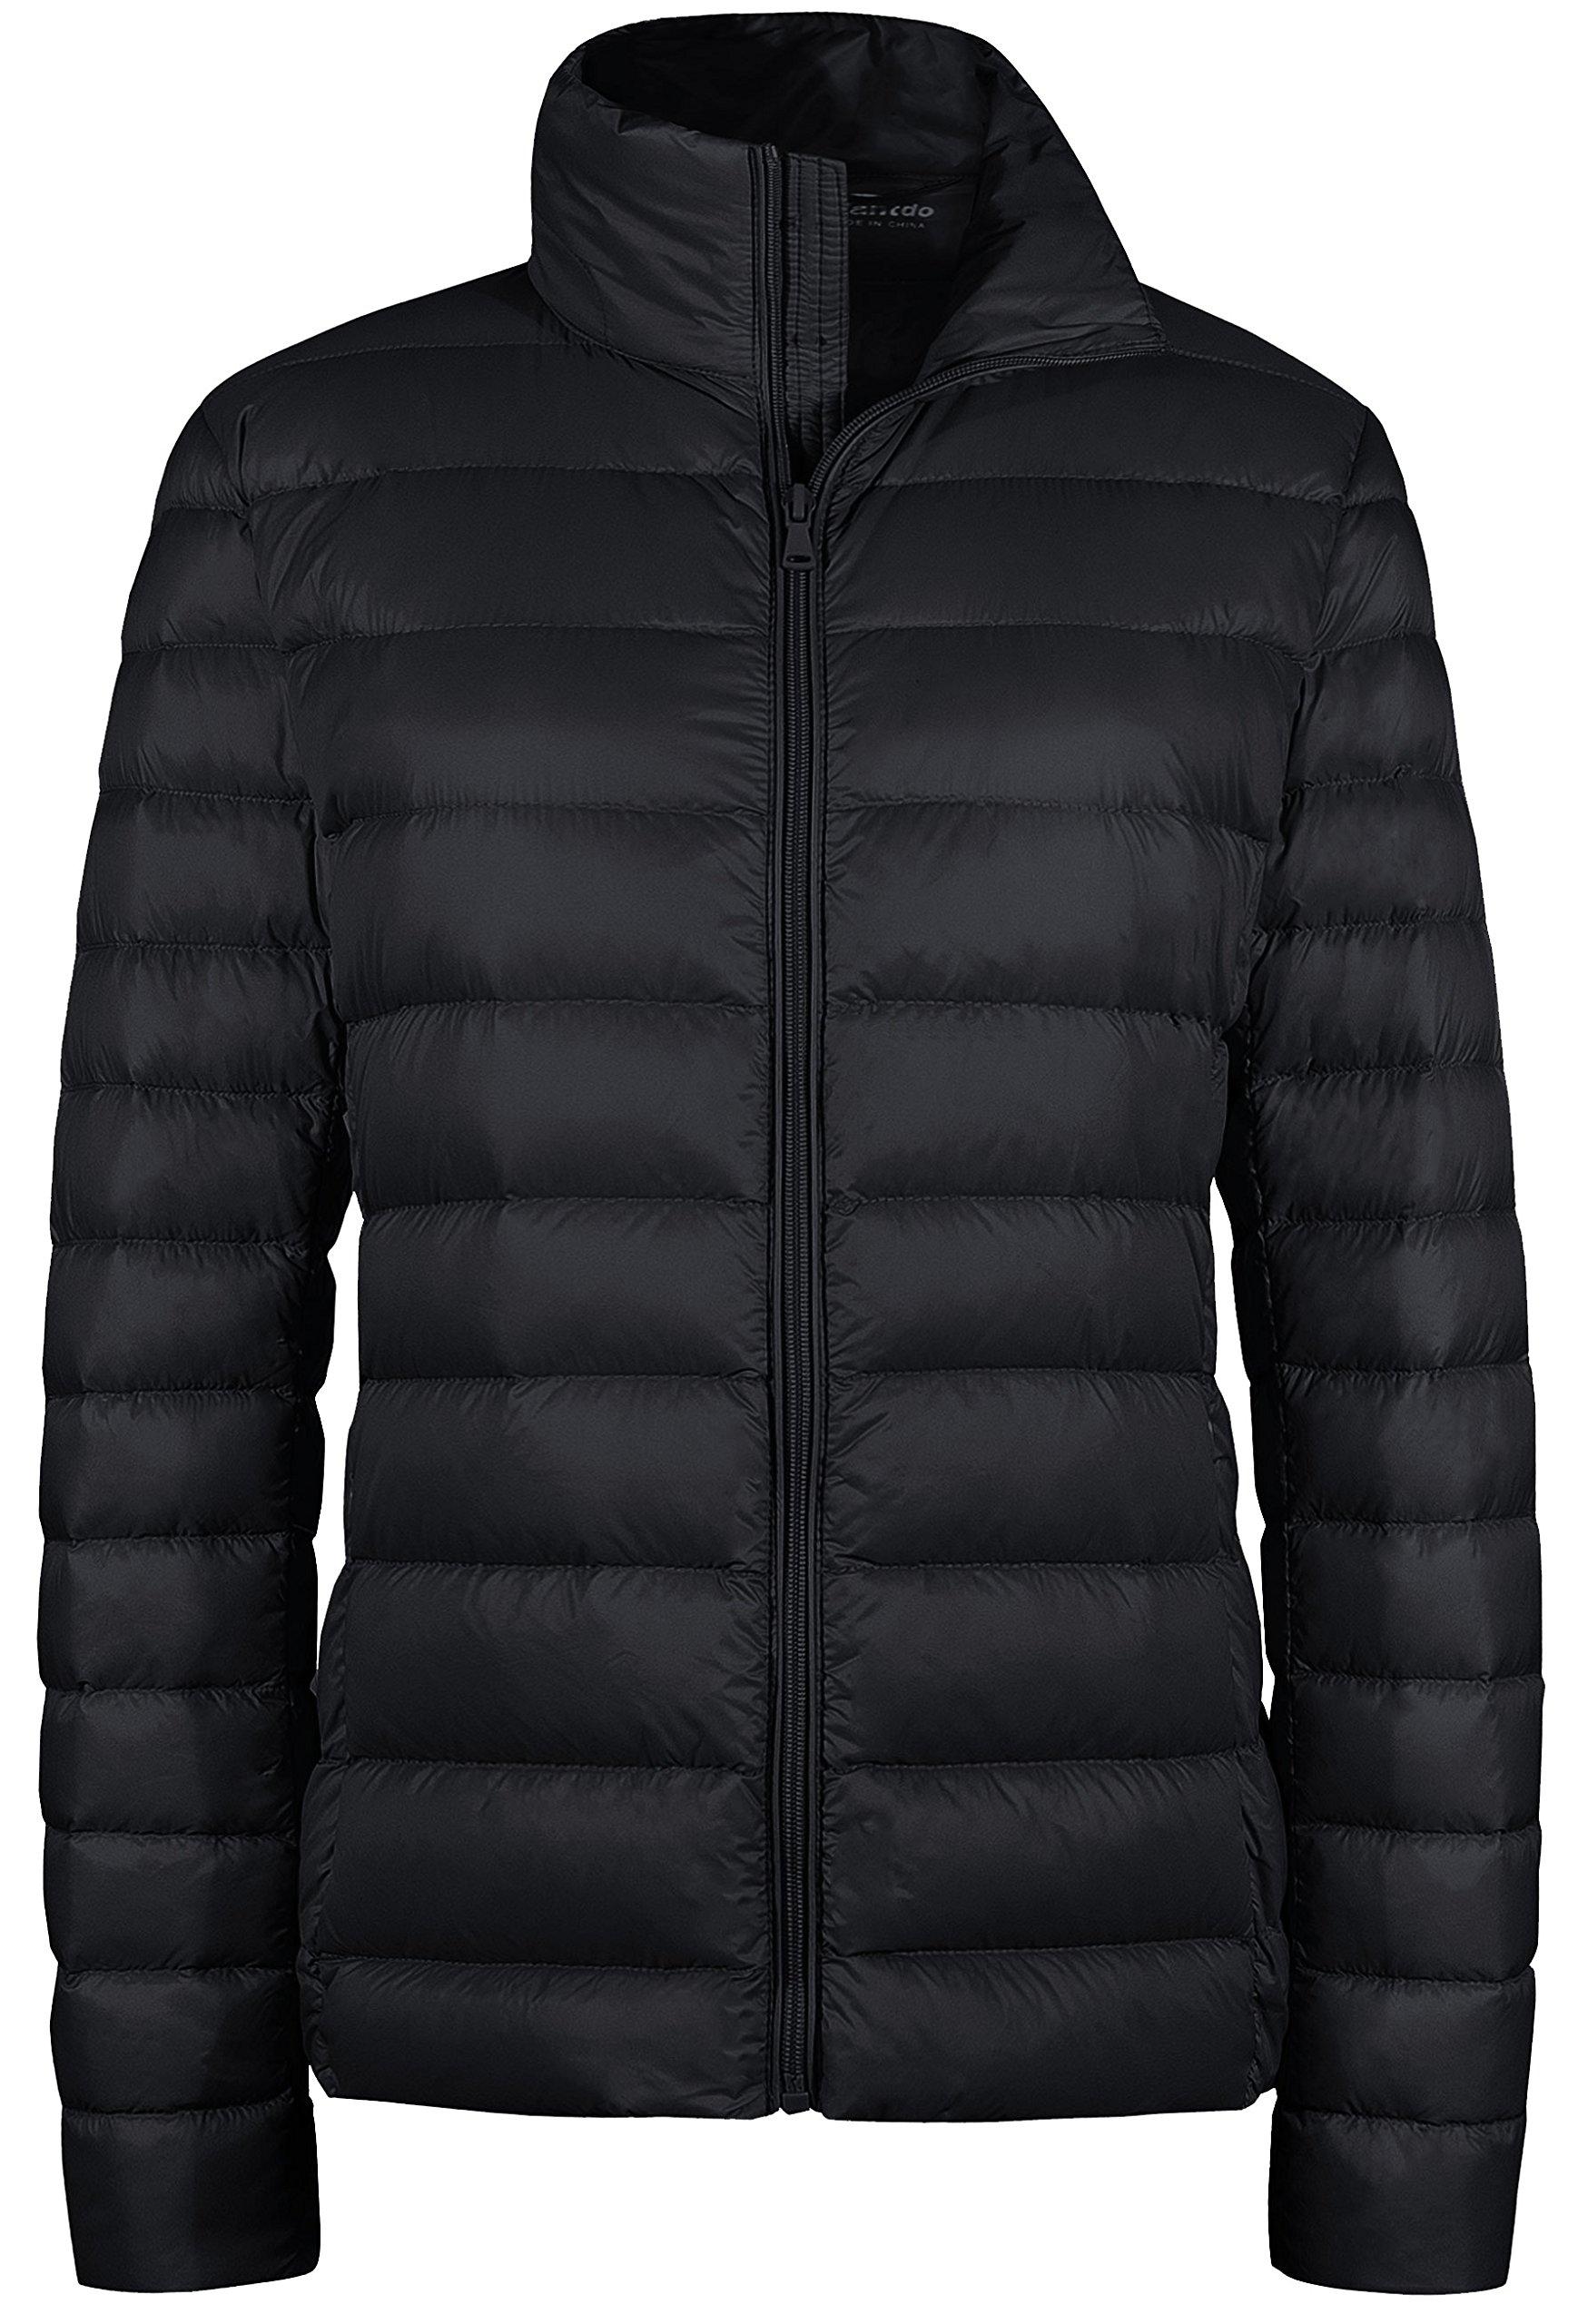 Wantdo Women's Packable Ultra Light Weight Short Down Jacket Black